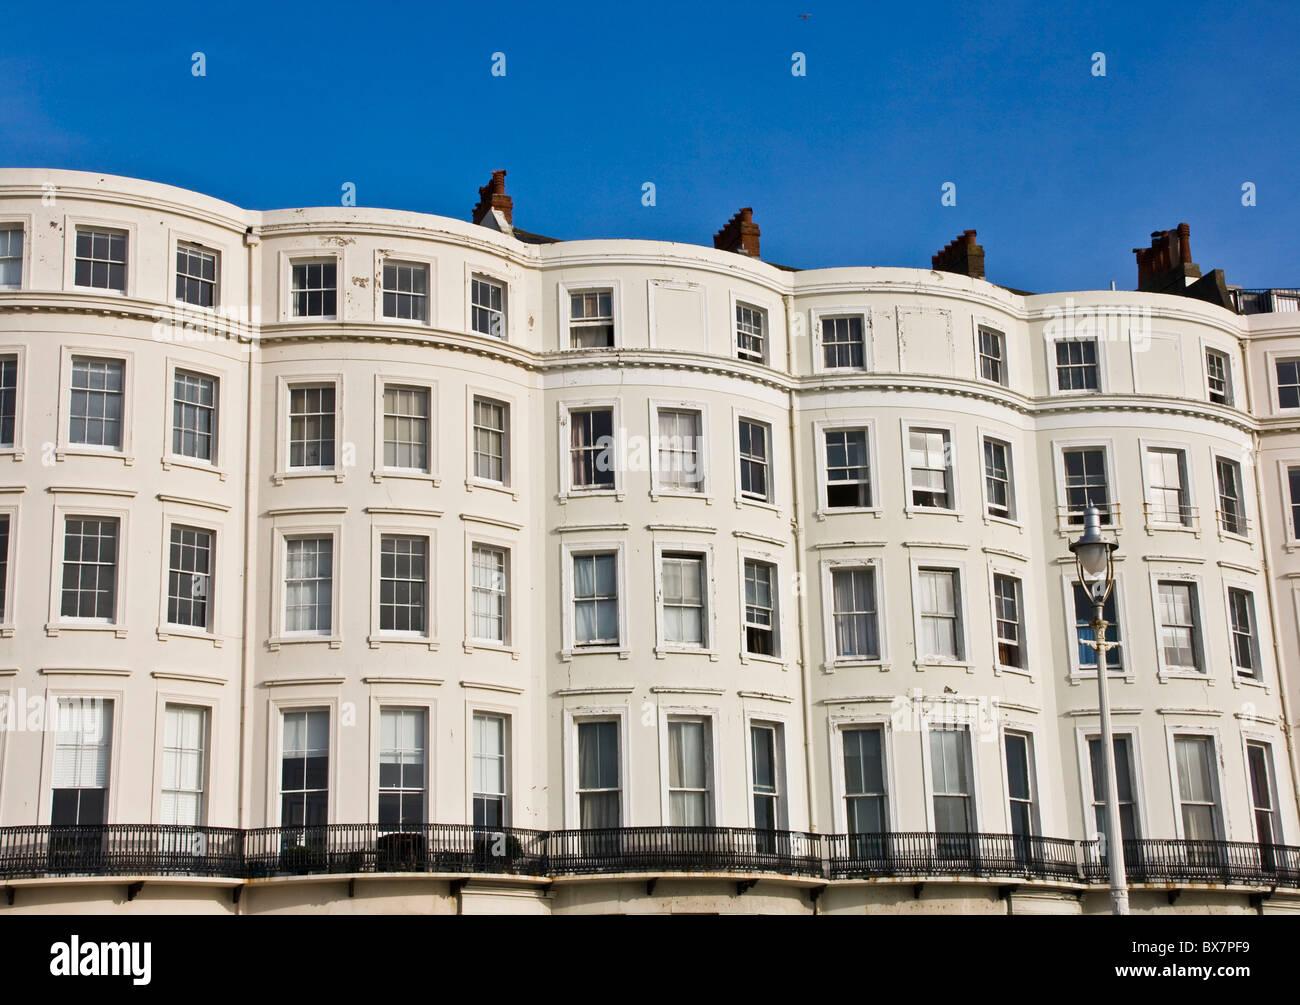 La façade des maisons mitoyennes de style régence Brighton Sussex England Europe Banque D'Images